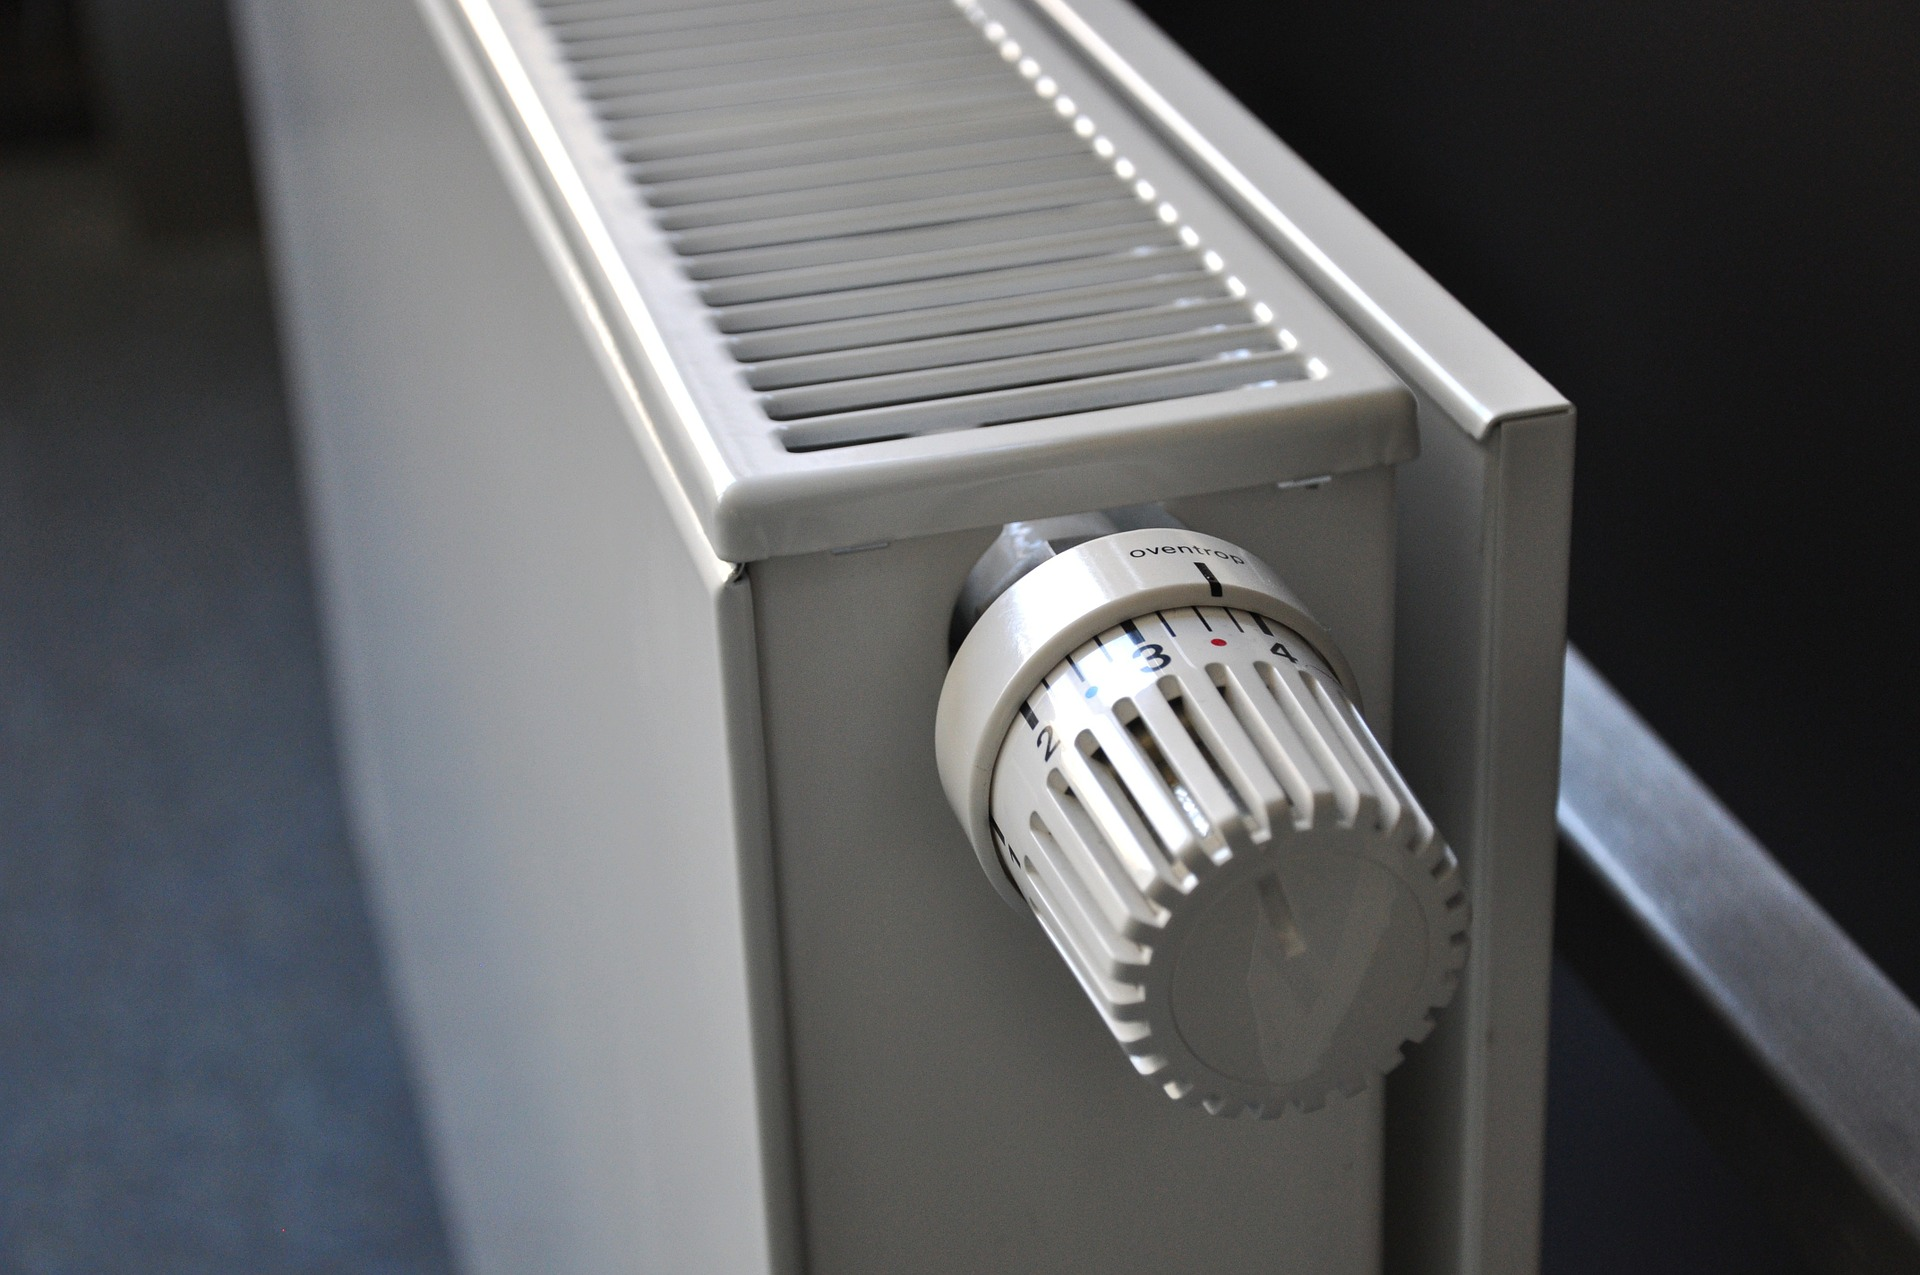 Sistemas de aquecimento qual o melhor e mais economico